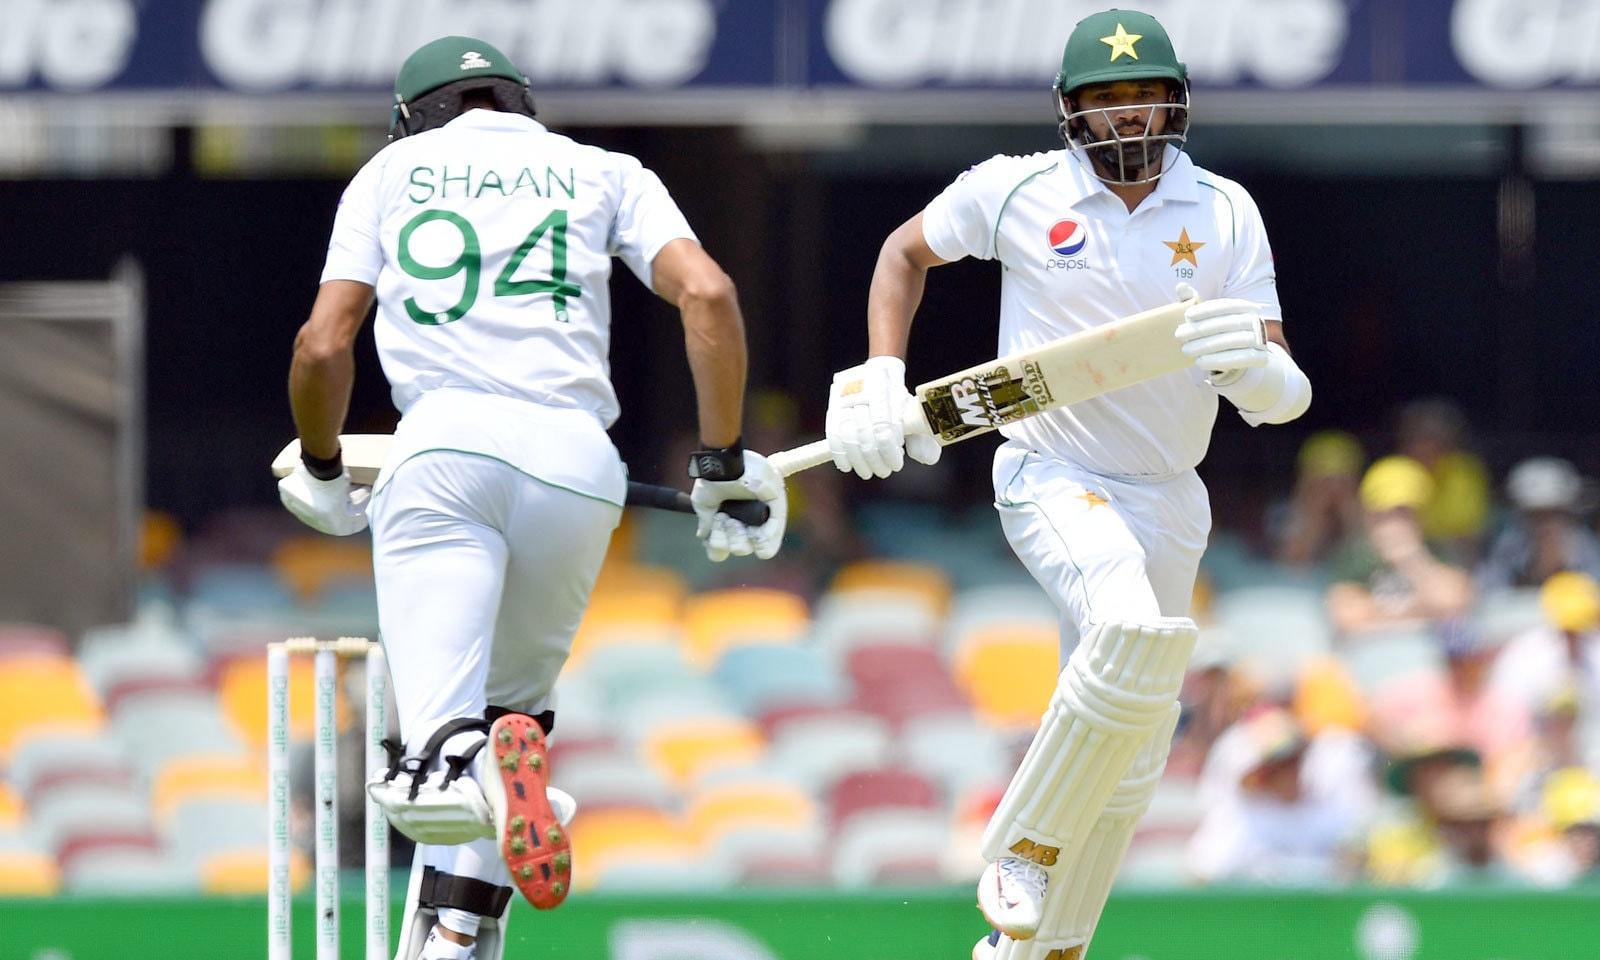 اوپنرز اظہر علی اور شان مسعود نے پاکستانی ٹیم کو 75 رنز کا بہترین آغاز فراہم کیا — فوٹو: اے ایف پی